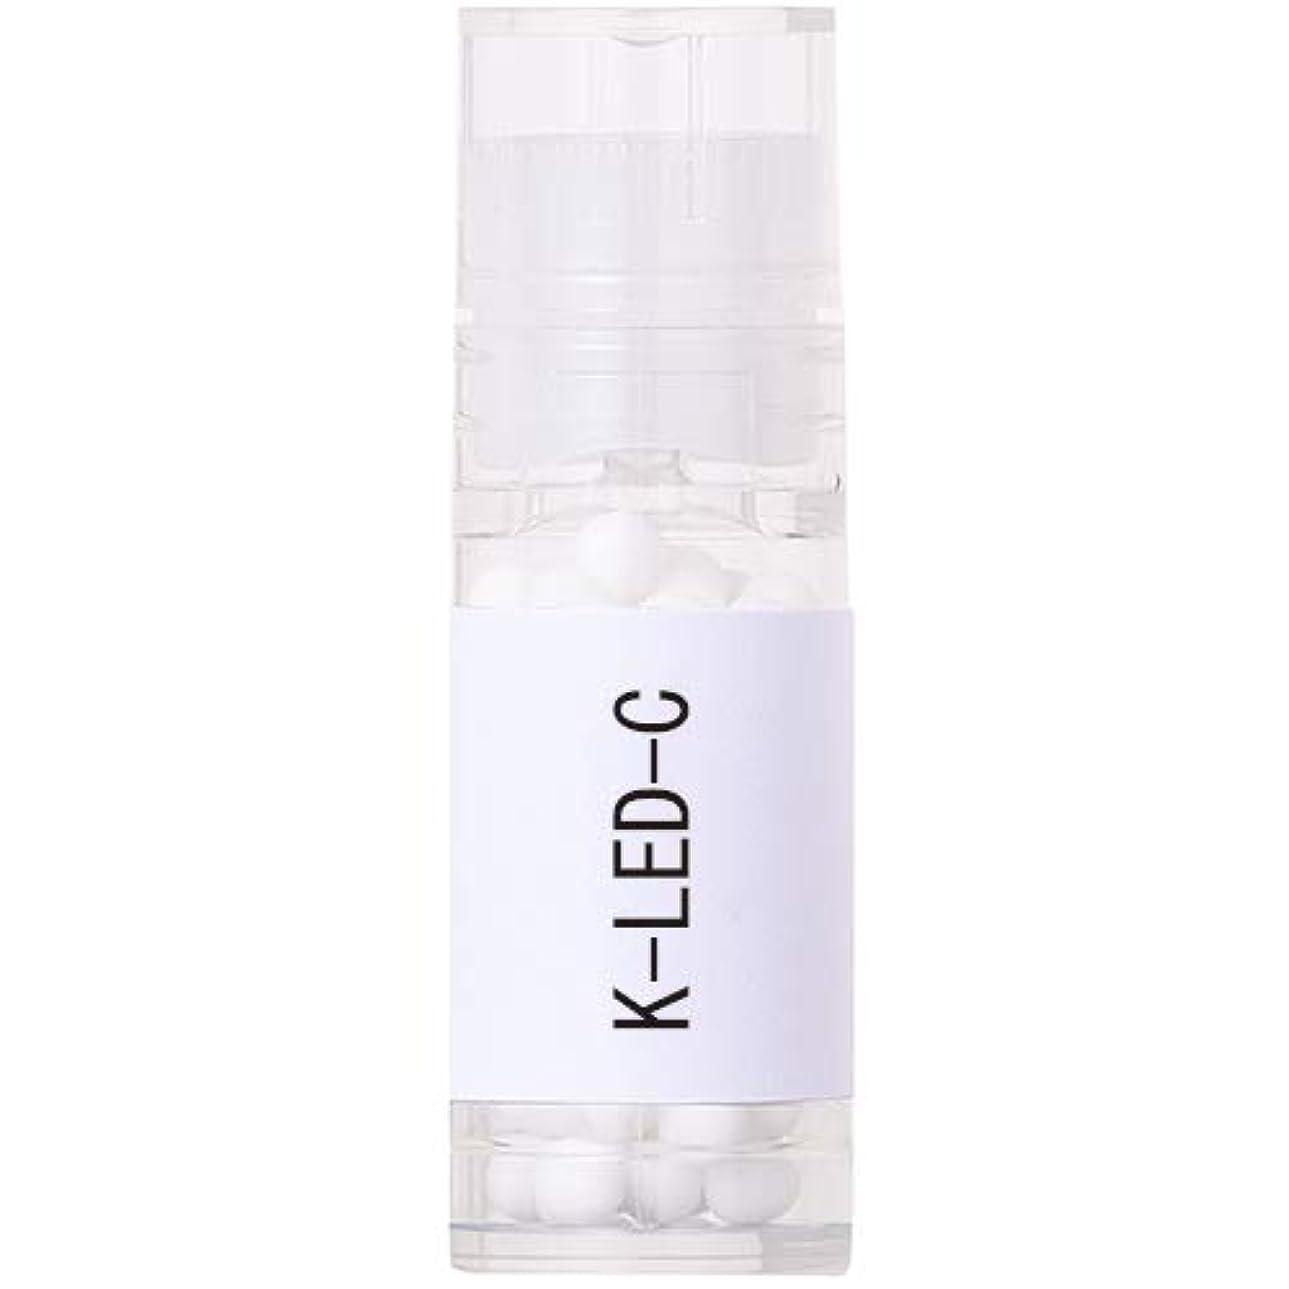 幸運キモい誓いホメオパシージャパンレメディ Kシリーズ K-LED-C(大ビン) 2.6g(約100粒)